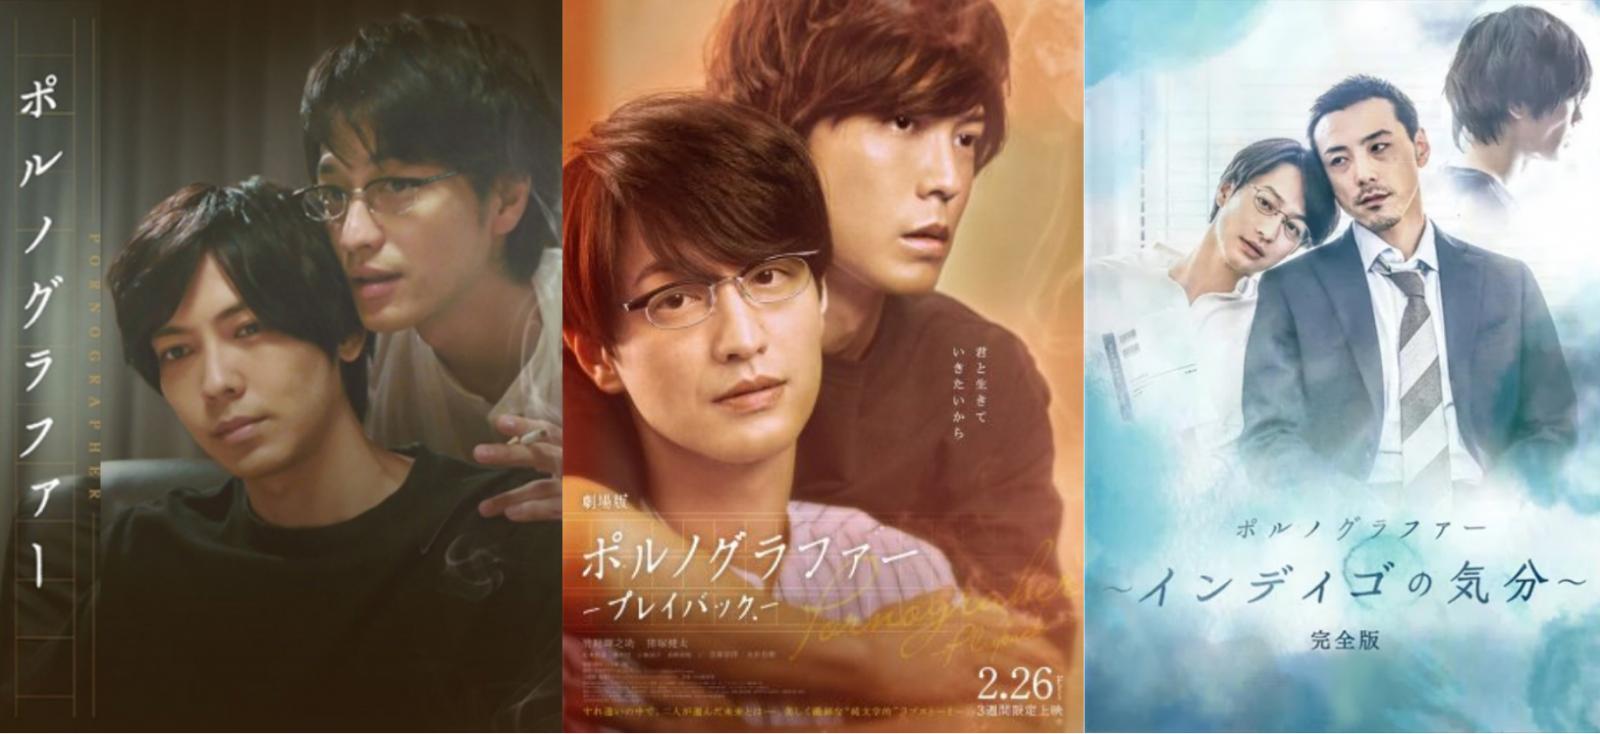 FONTE: Fuji TV/Reprodução: Google